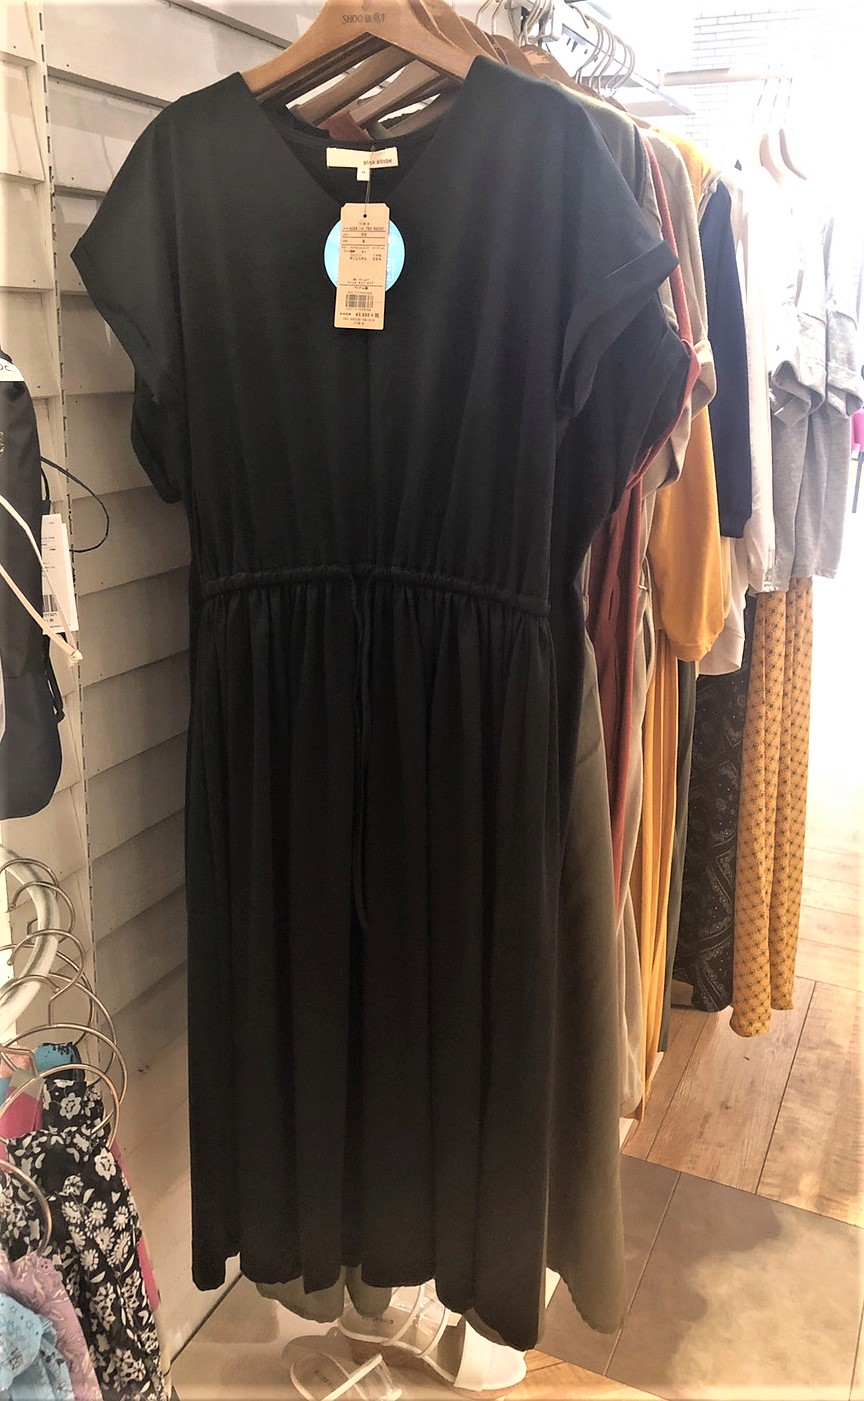 【ファッション】究極のシンプルコーデをかなえてくれる「Tシャツワンピース」(2019年7月号)